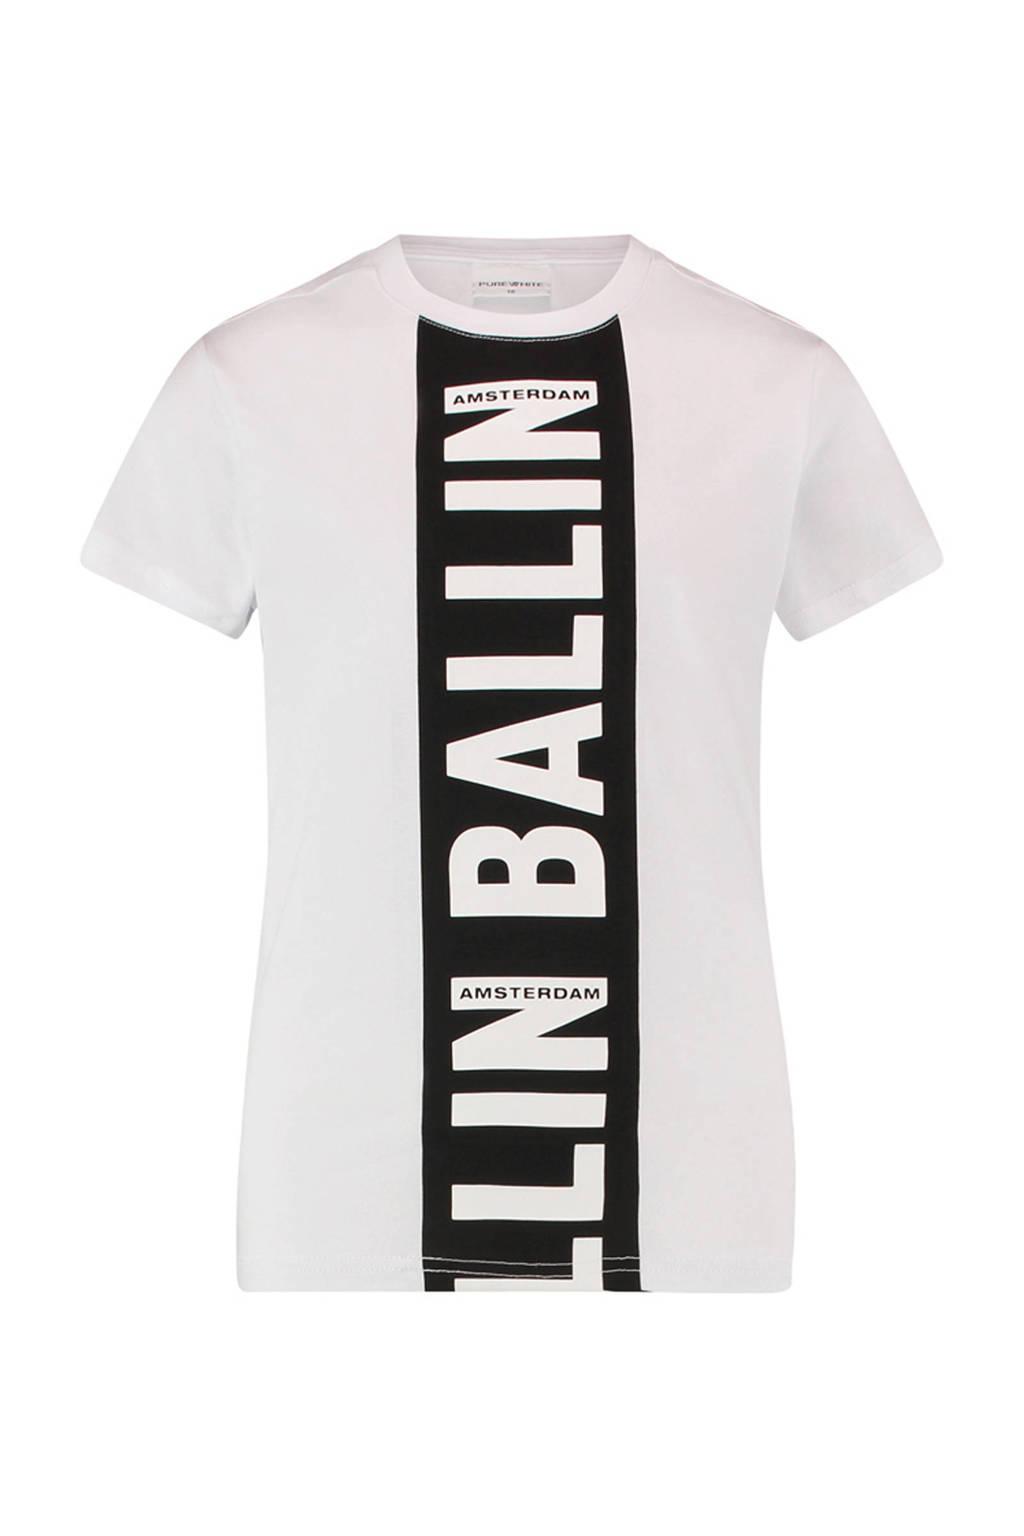 Ballin Amsterdam Junior by Purewhite T-shirt met tekst wit/zwart, Wit/zwart